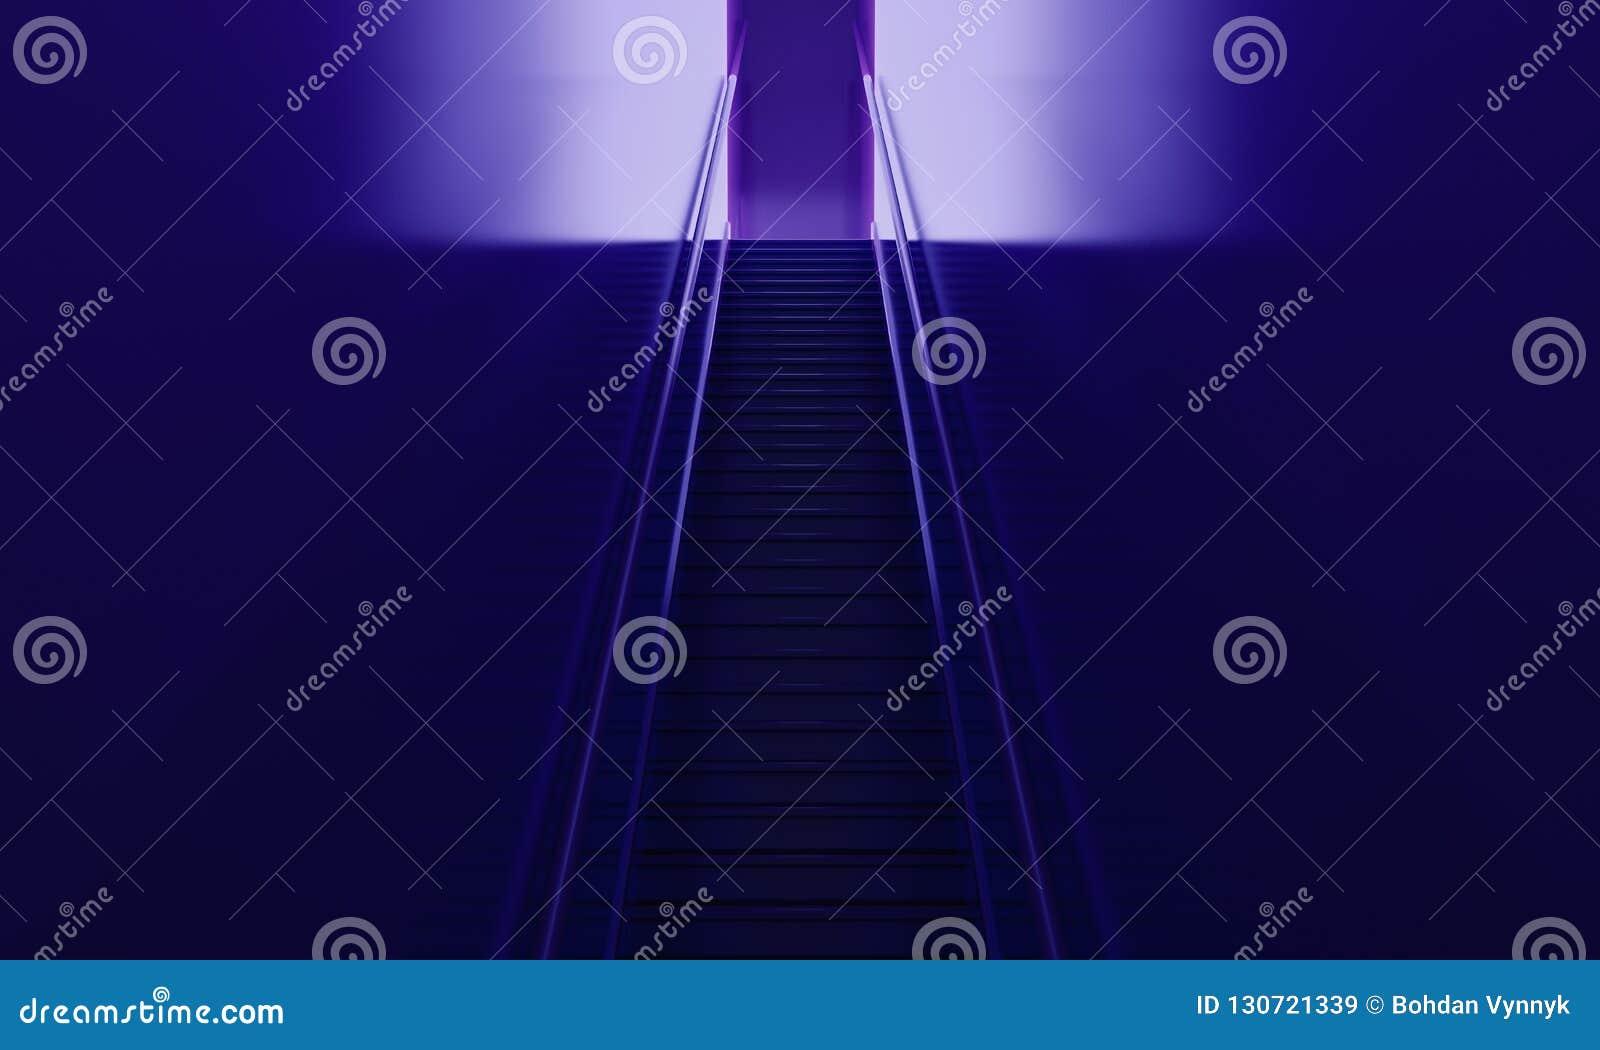 Escaleras en el interior púrpura